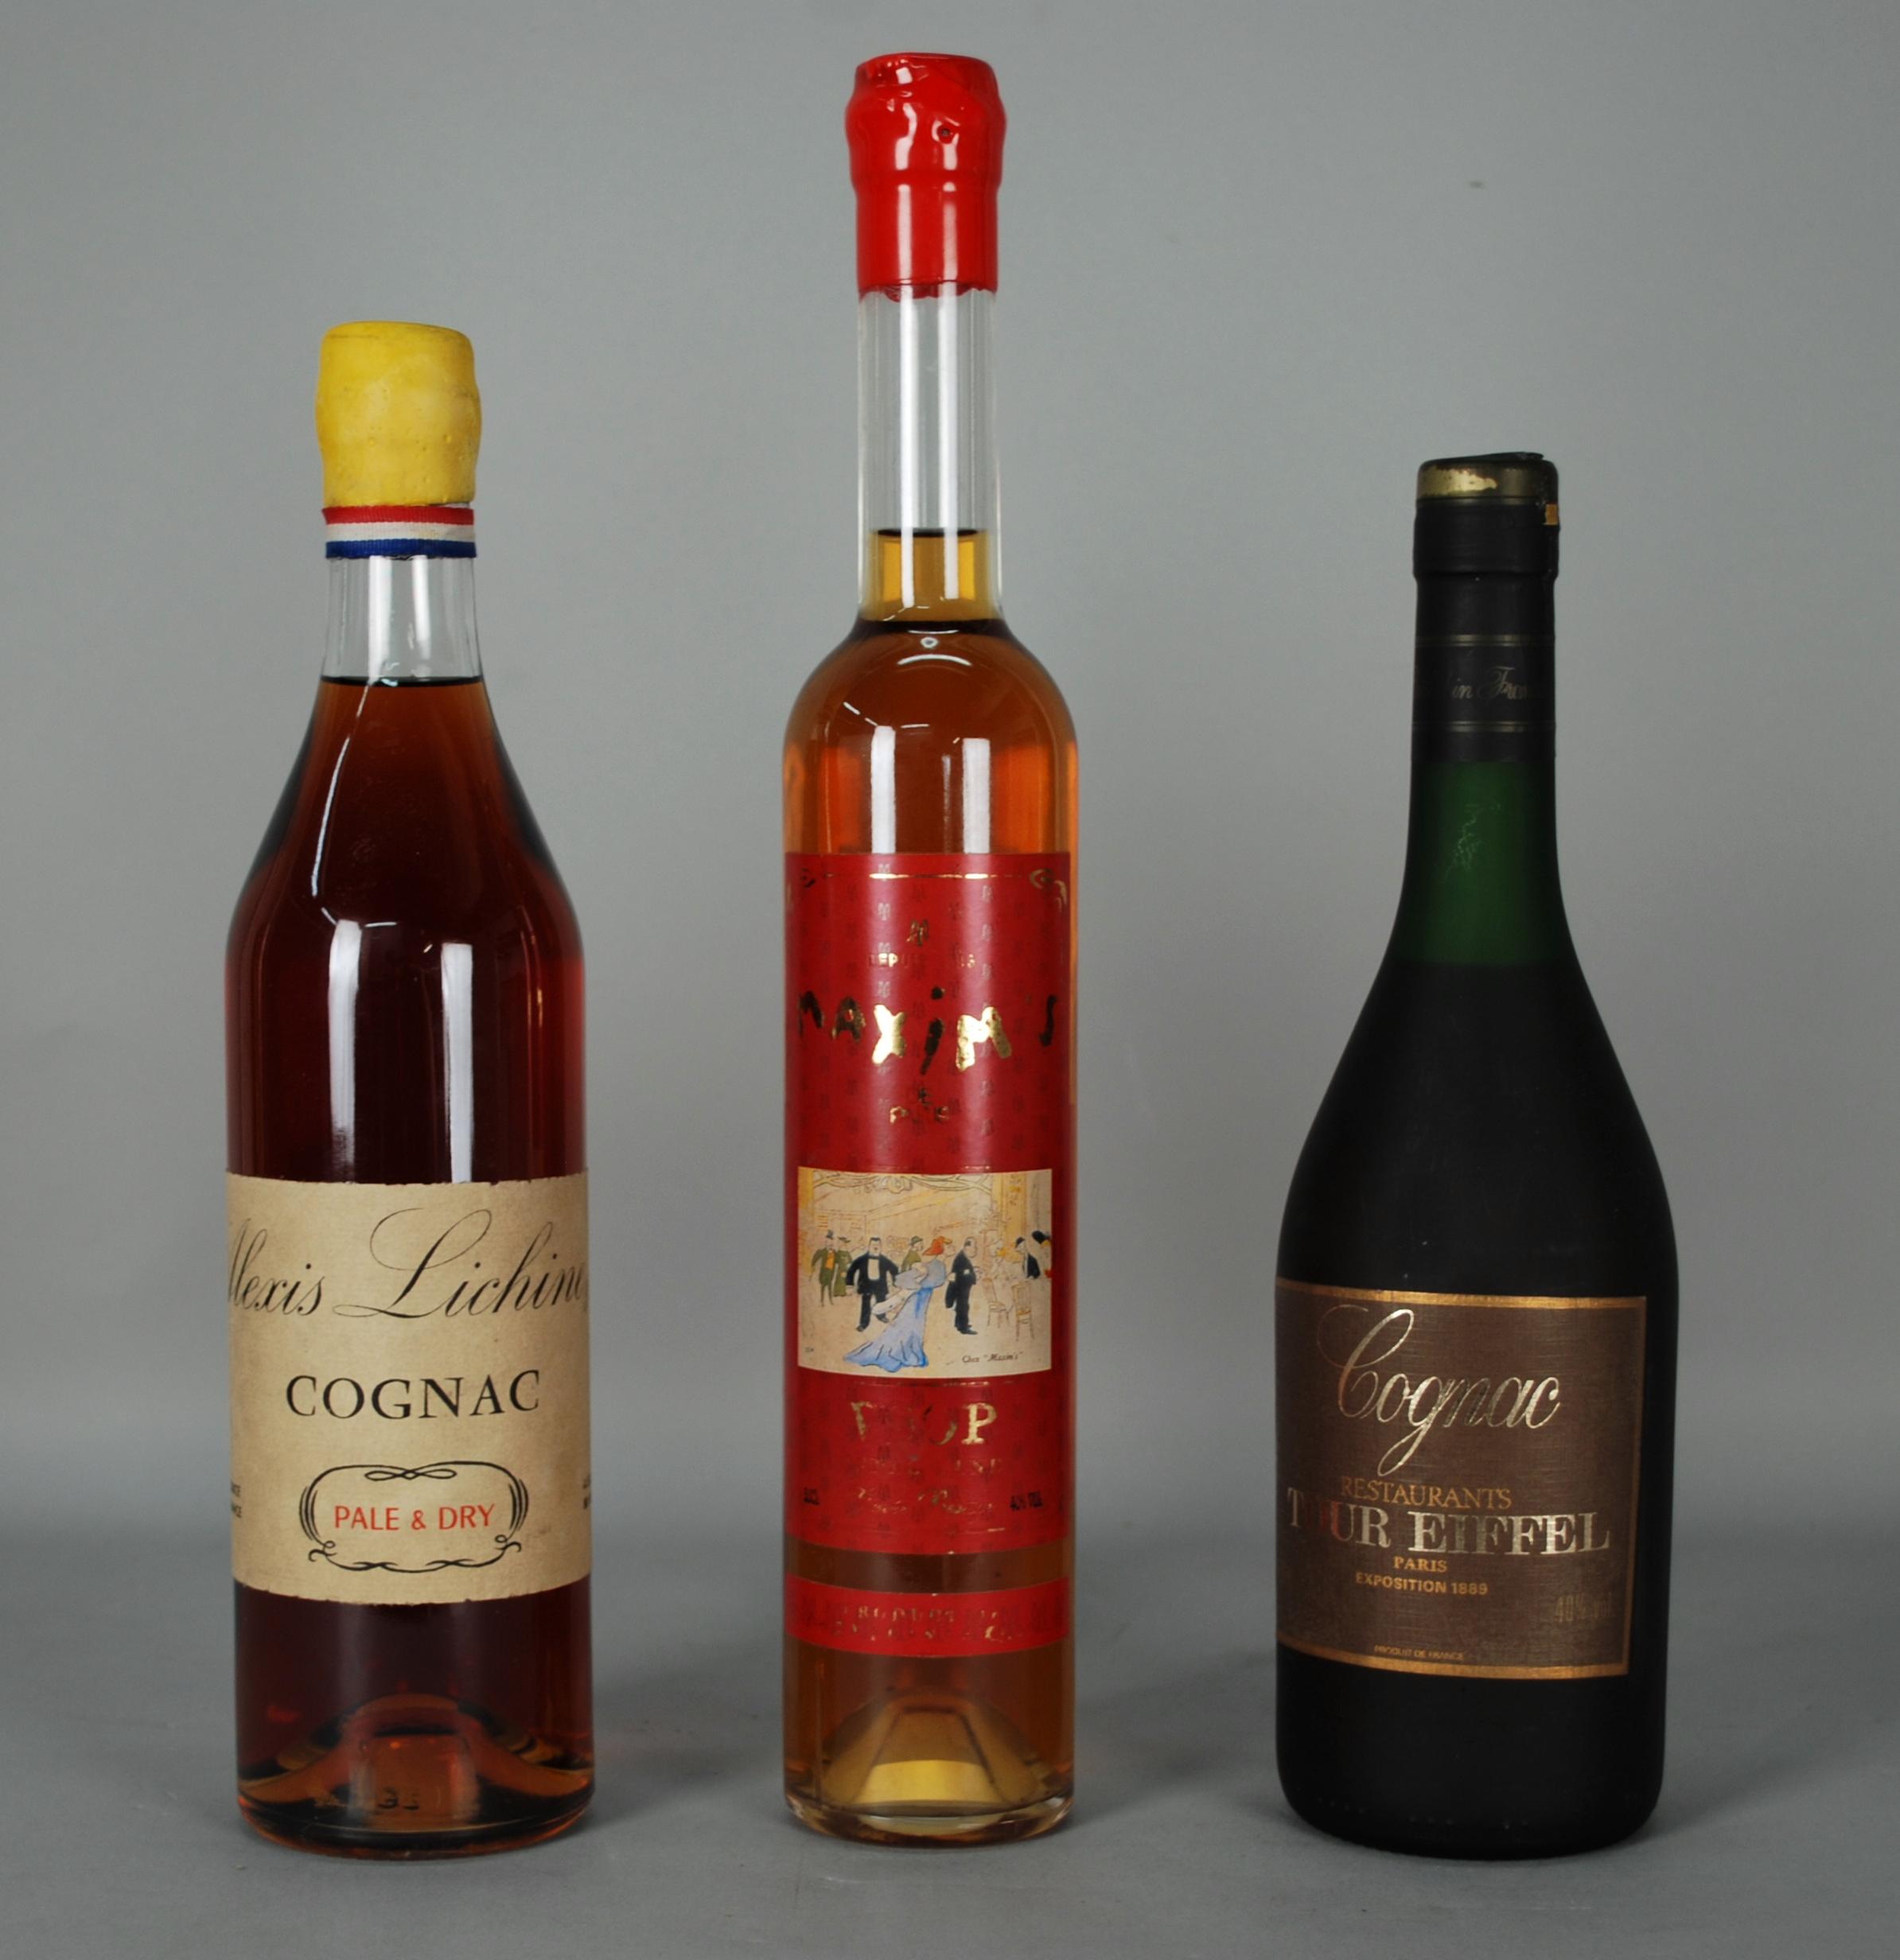 Lot 48 - Tre Cognac dell'enogastronomia francese: - Cognac ALEXIS LICHINE & C. - Pale & Dry. Tappo